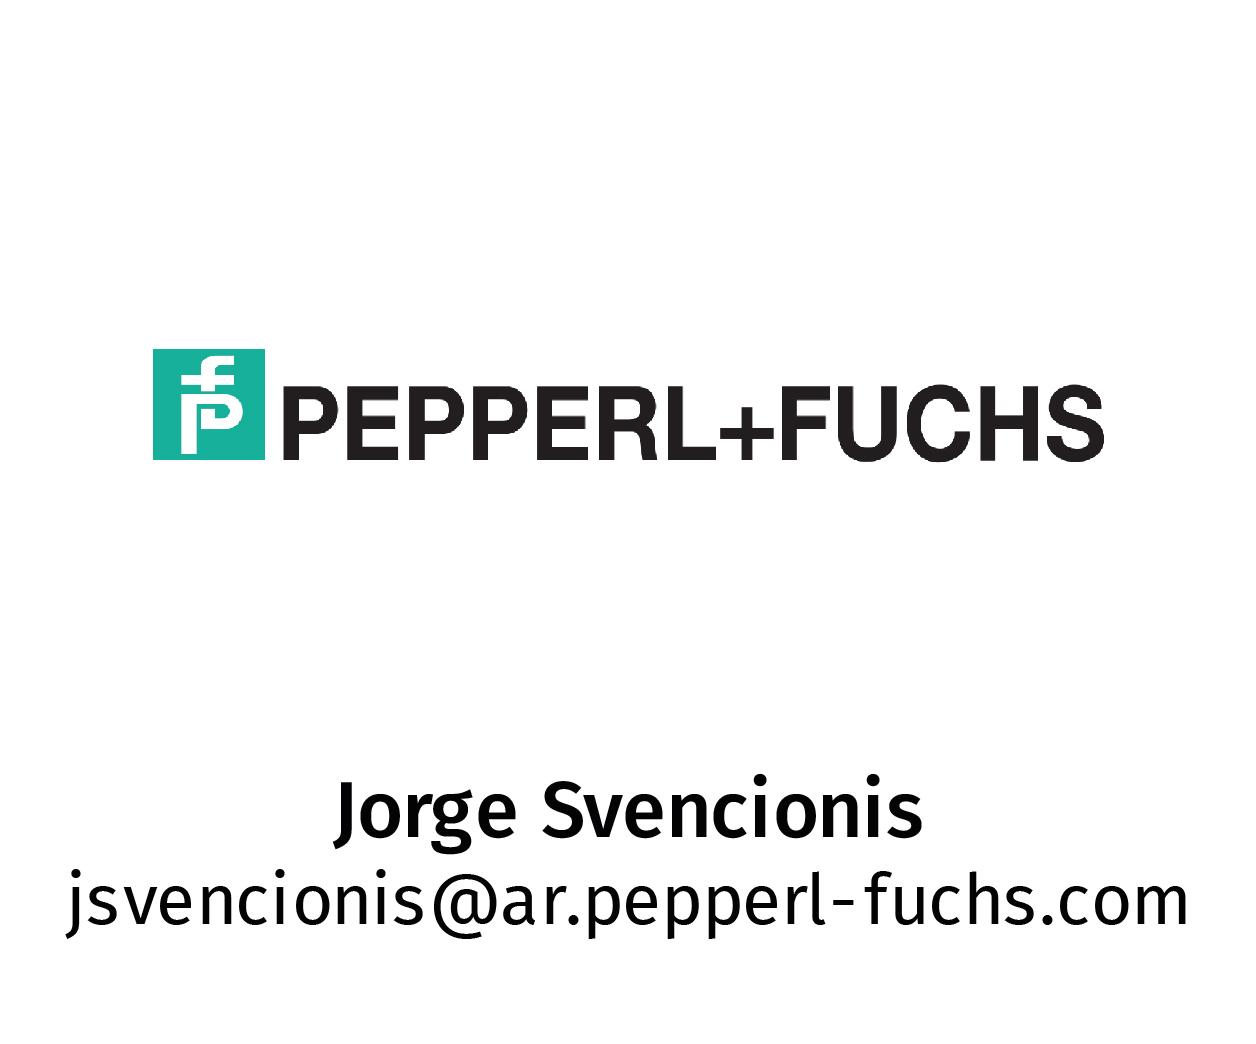 http://profibus.com.ar/wp-content/uploads/2017/03/logos_datos_sponsor-21.jpg